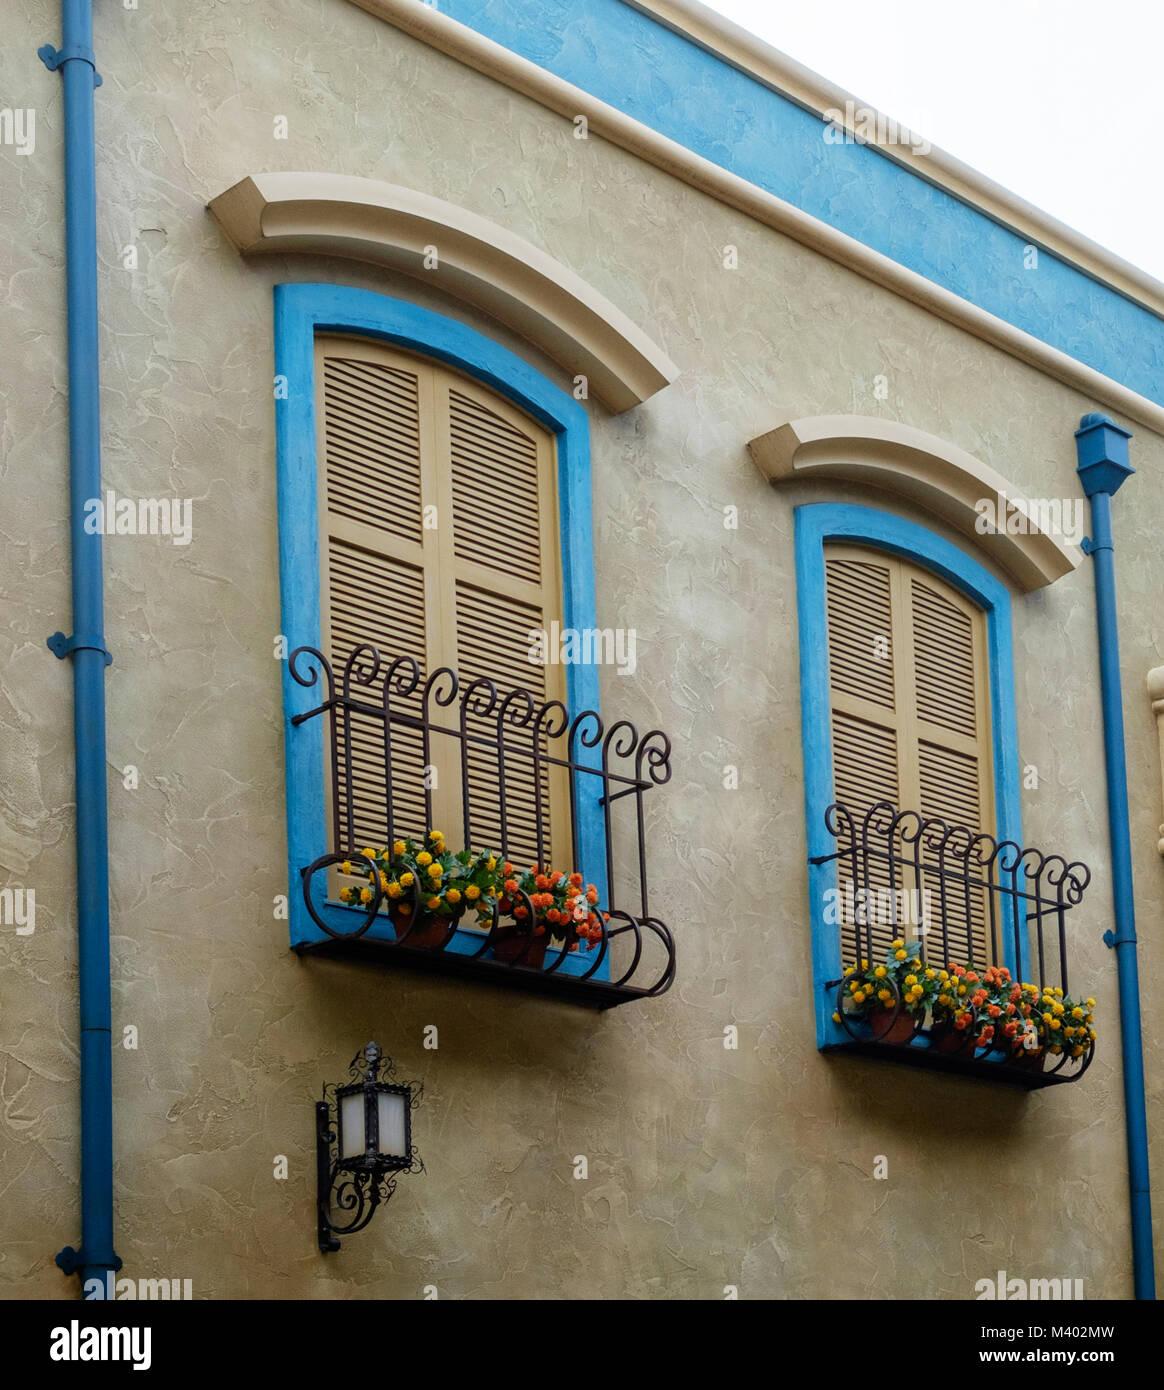 Deux fenêtres aux volets des fenêtres en fer forgé, d'un bleu lumineux et fleurs. Deux tuyaux de drainage de bleu. Retro éclairage sur bâtiment en une seule fenêtre. Banque D'Images